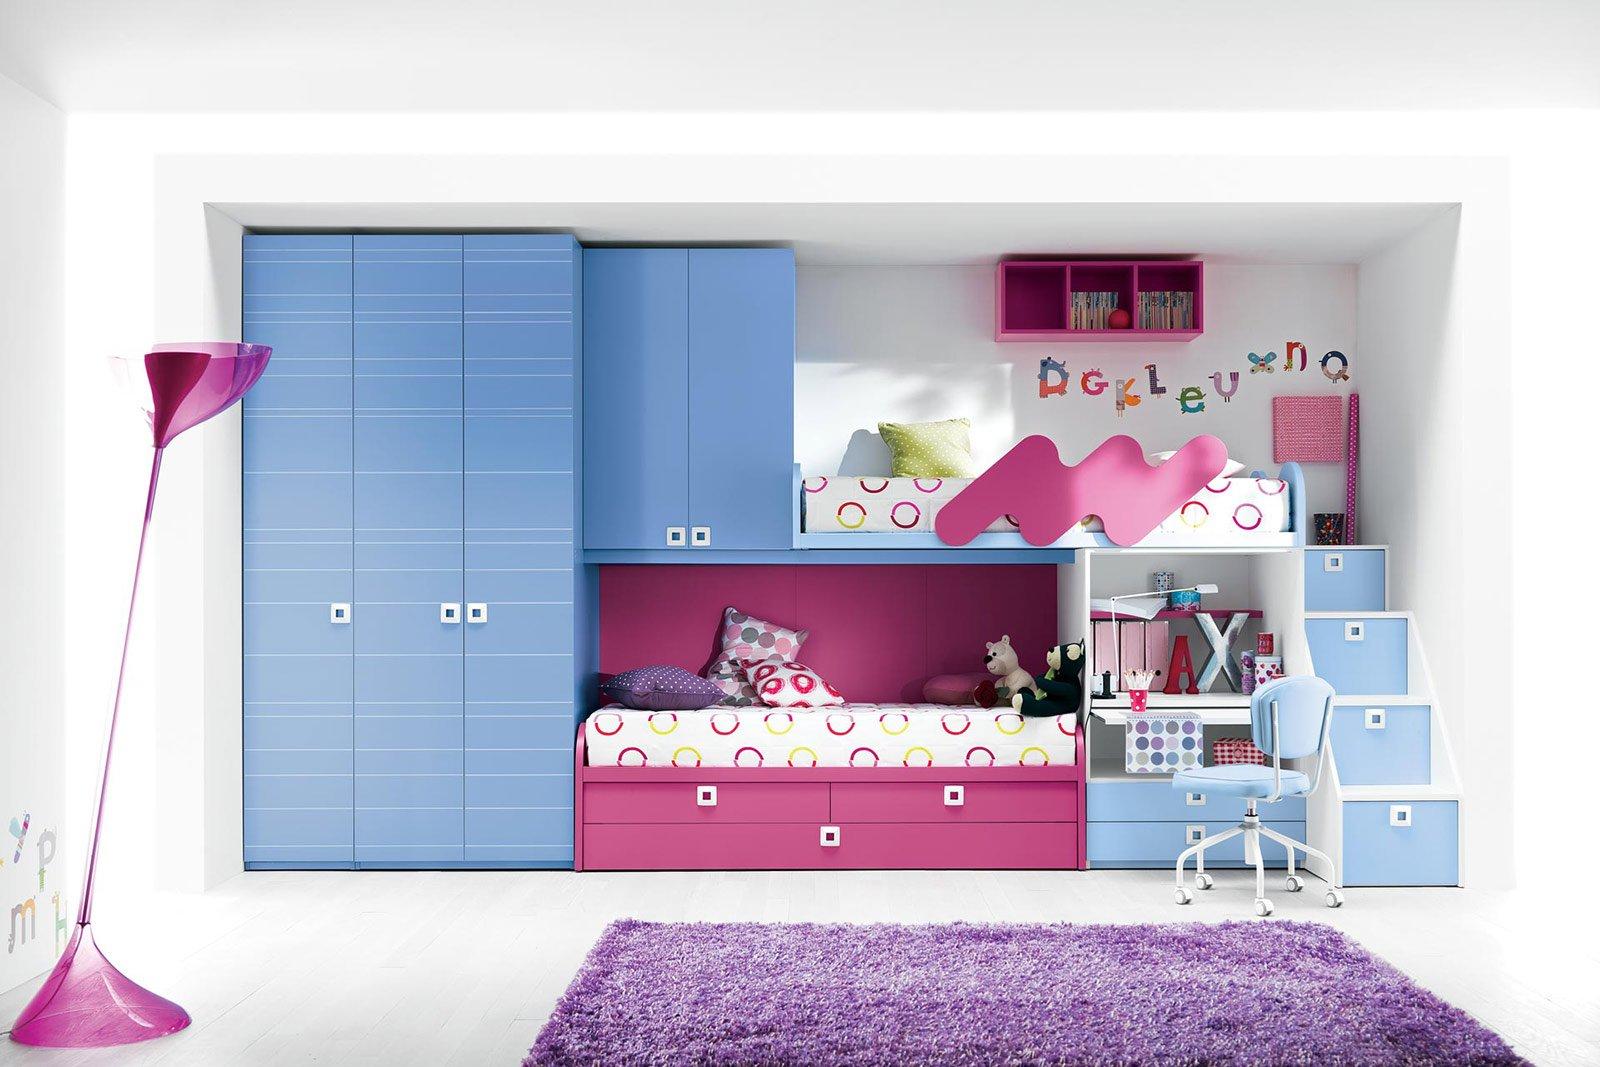 Camerette salvaspazio cose di casa - Idee per camerette piccole ...